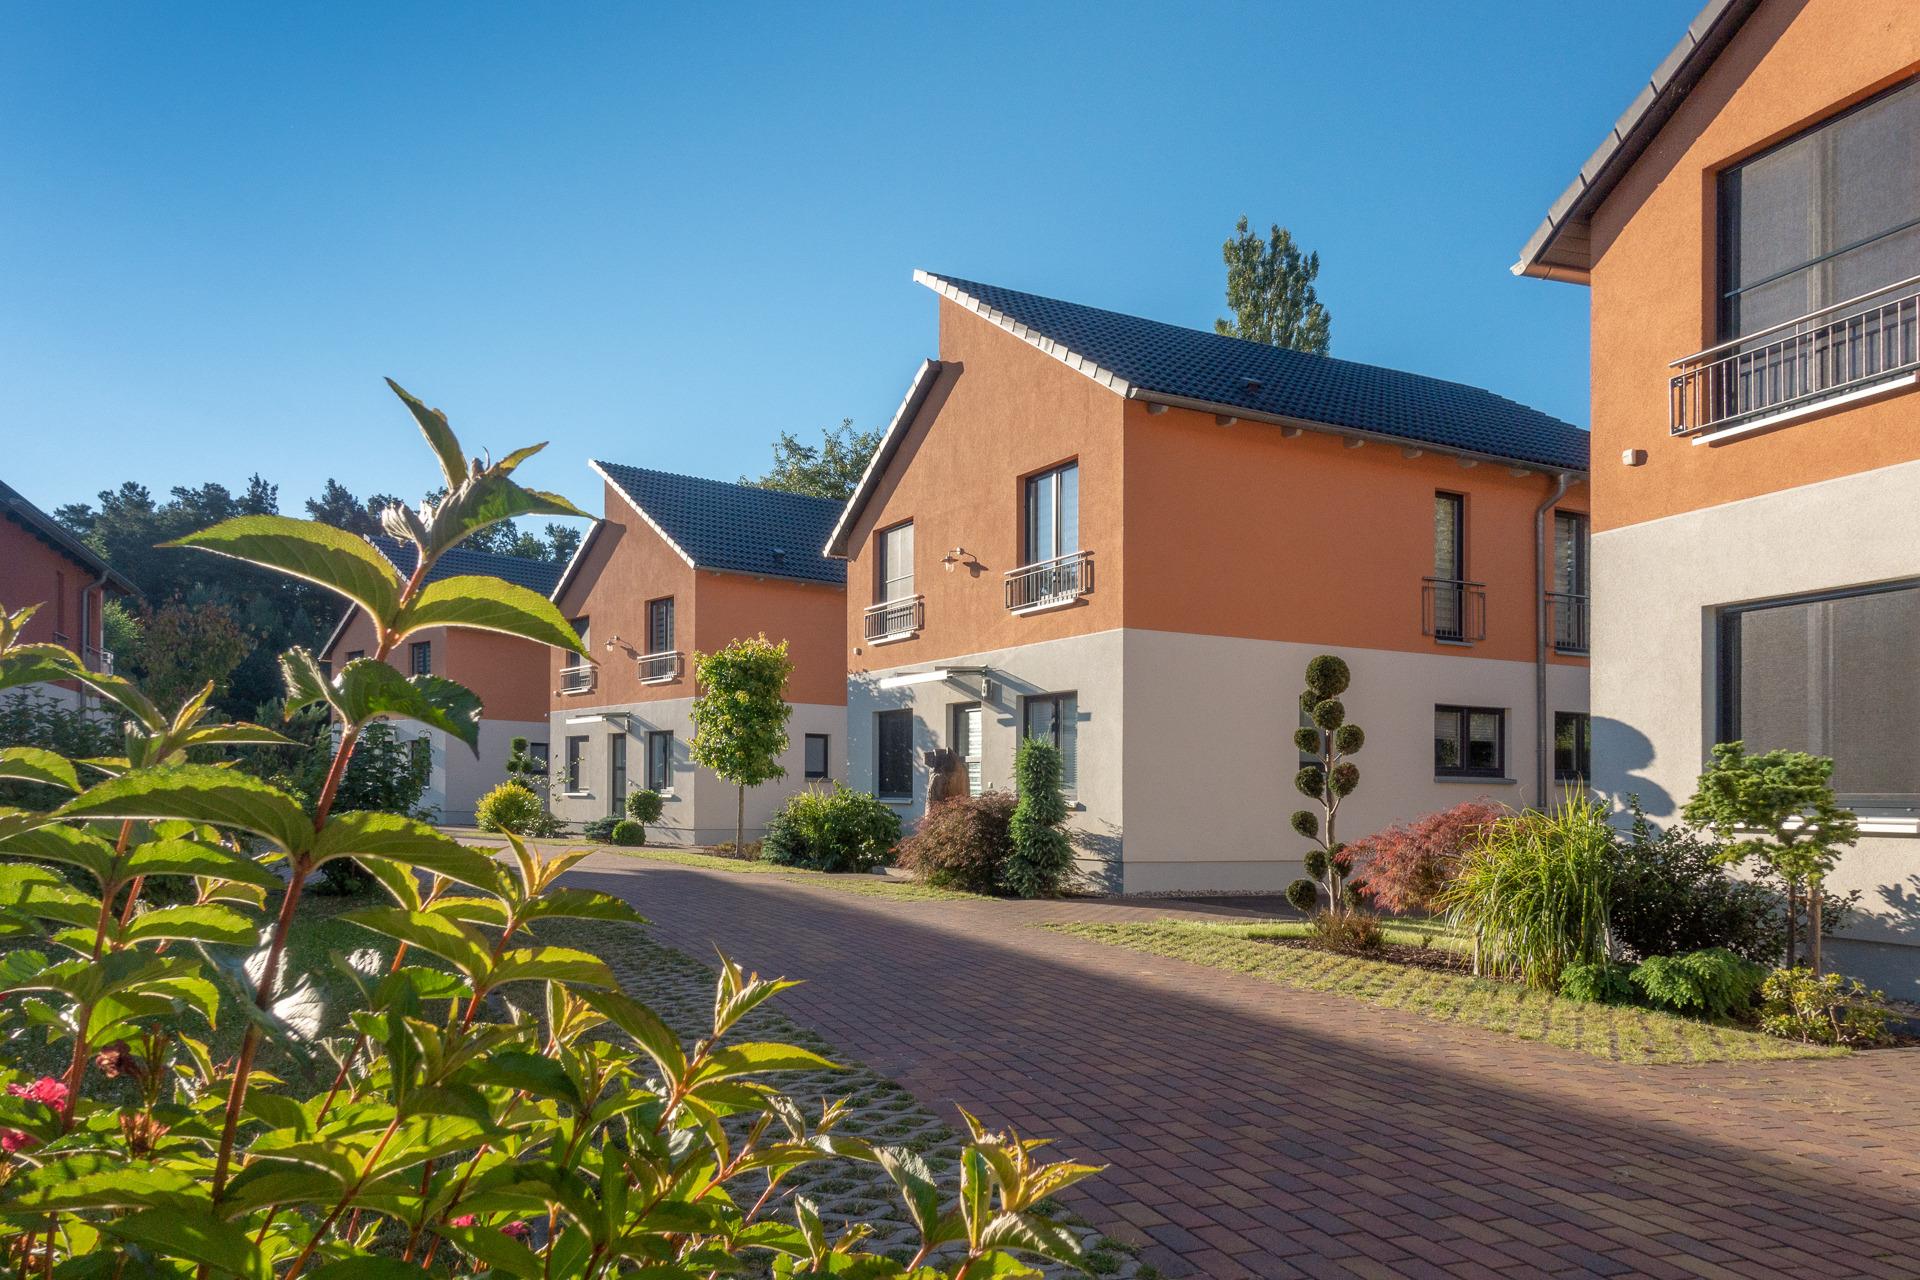 Ferienhaus 22 Heide Ferienhaus am Bodensee